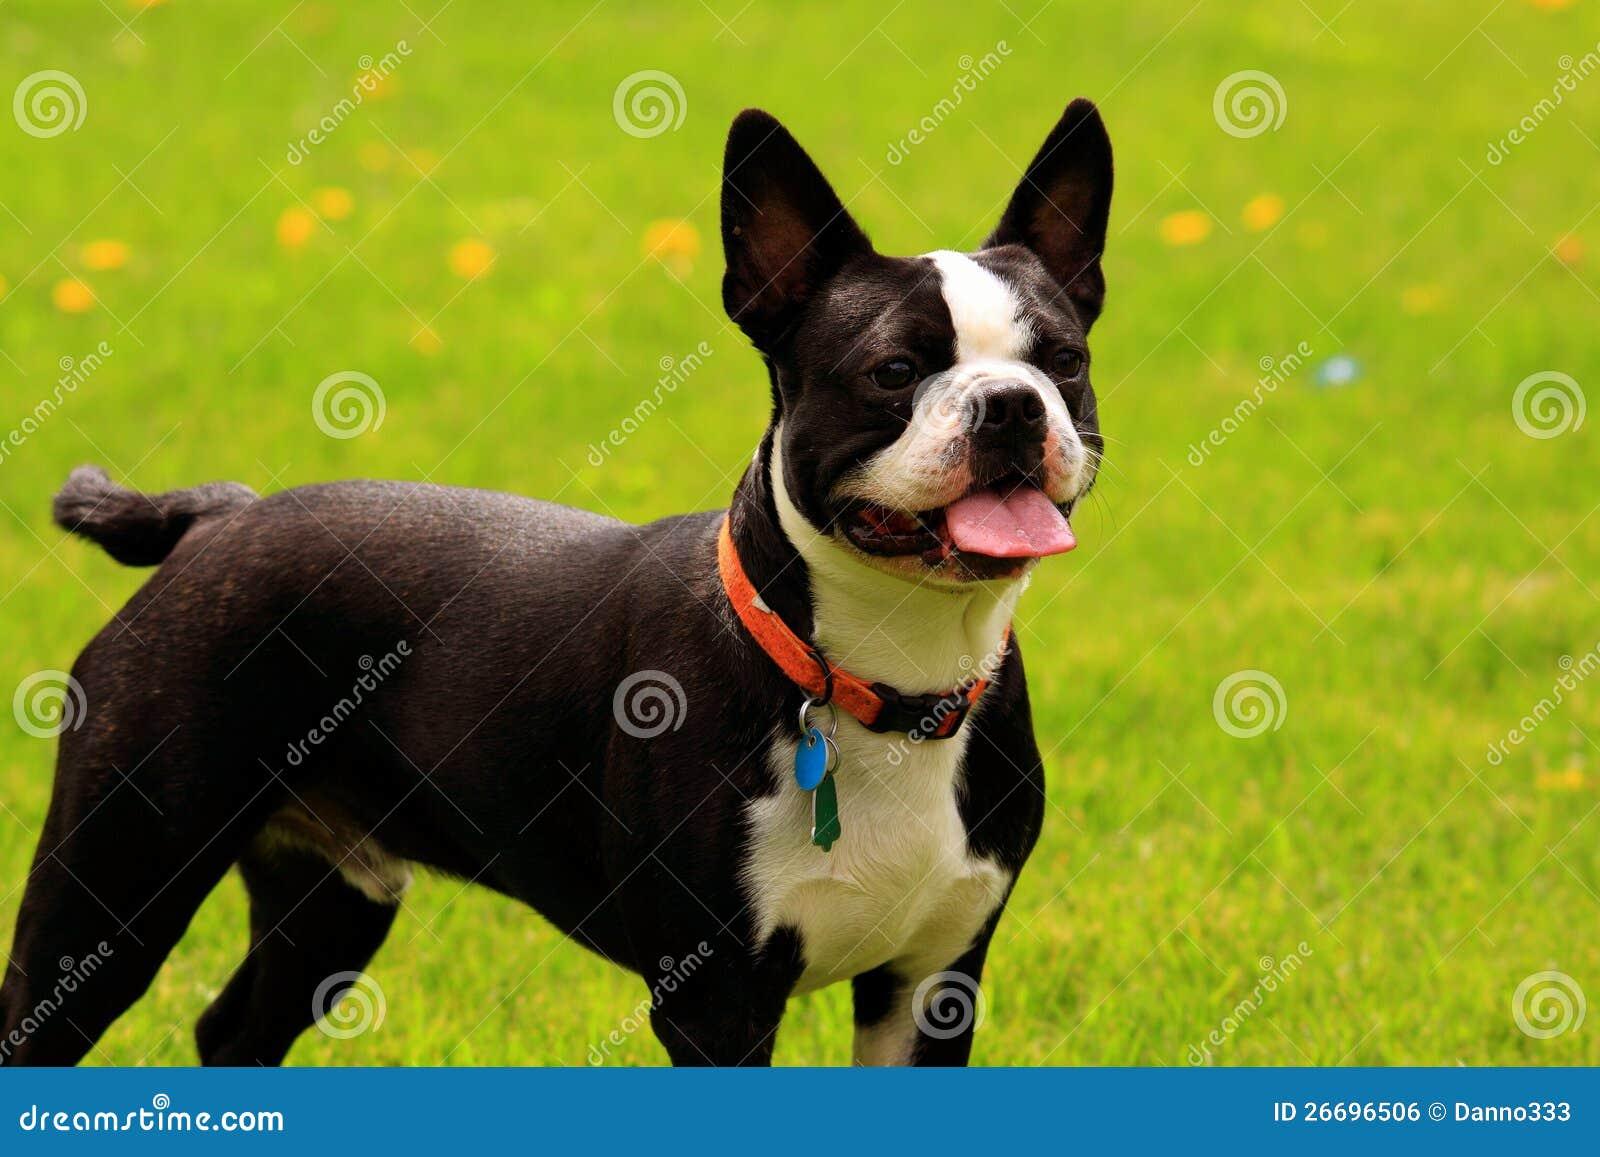 农夫色人和狗_与红色皮带的波士顿狗有绿色被弄脏的草背景.